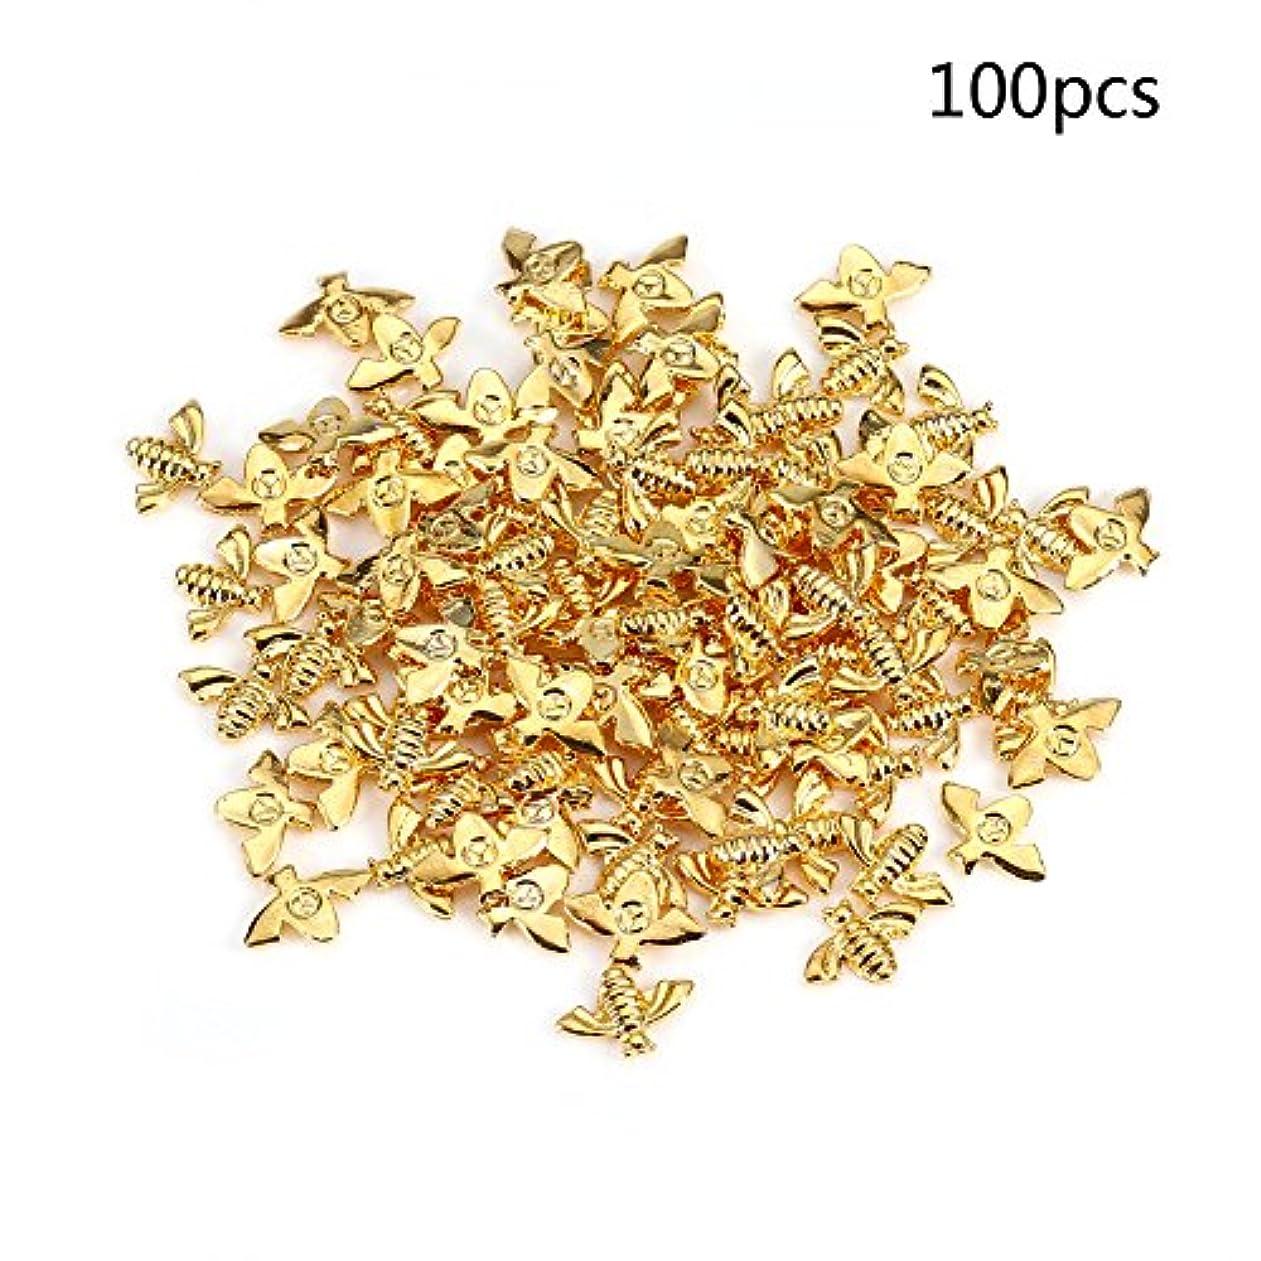 ネブ食事を調理するペチュランスメタルネイルデコレーション 2色100pcs / bag金属蜂3Dネイルデコレーションメタルスティックゴールドシルバーネイルデカールマニキュア (ゴールド)